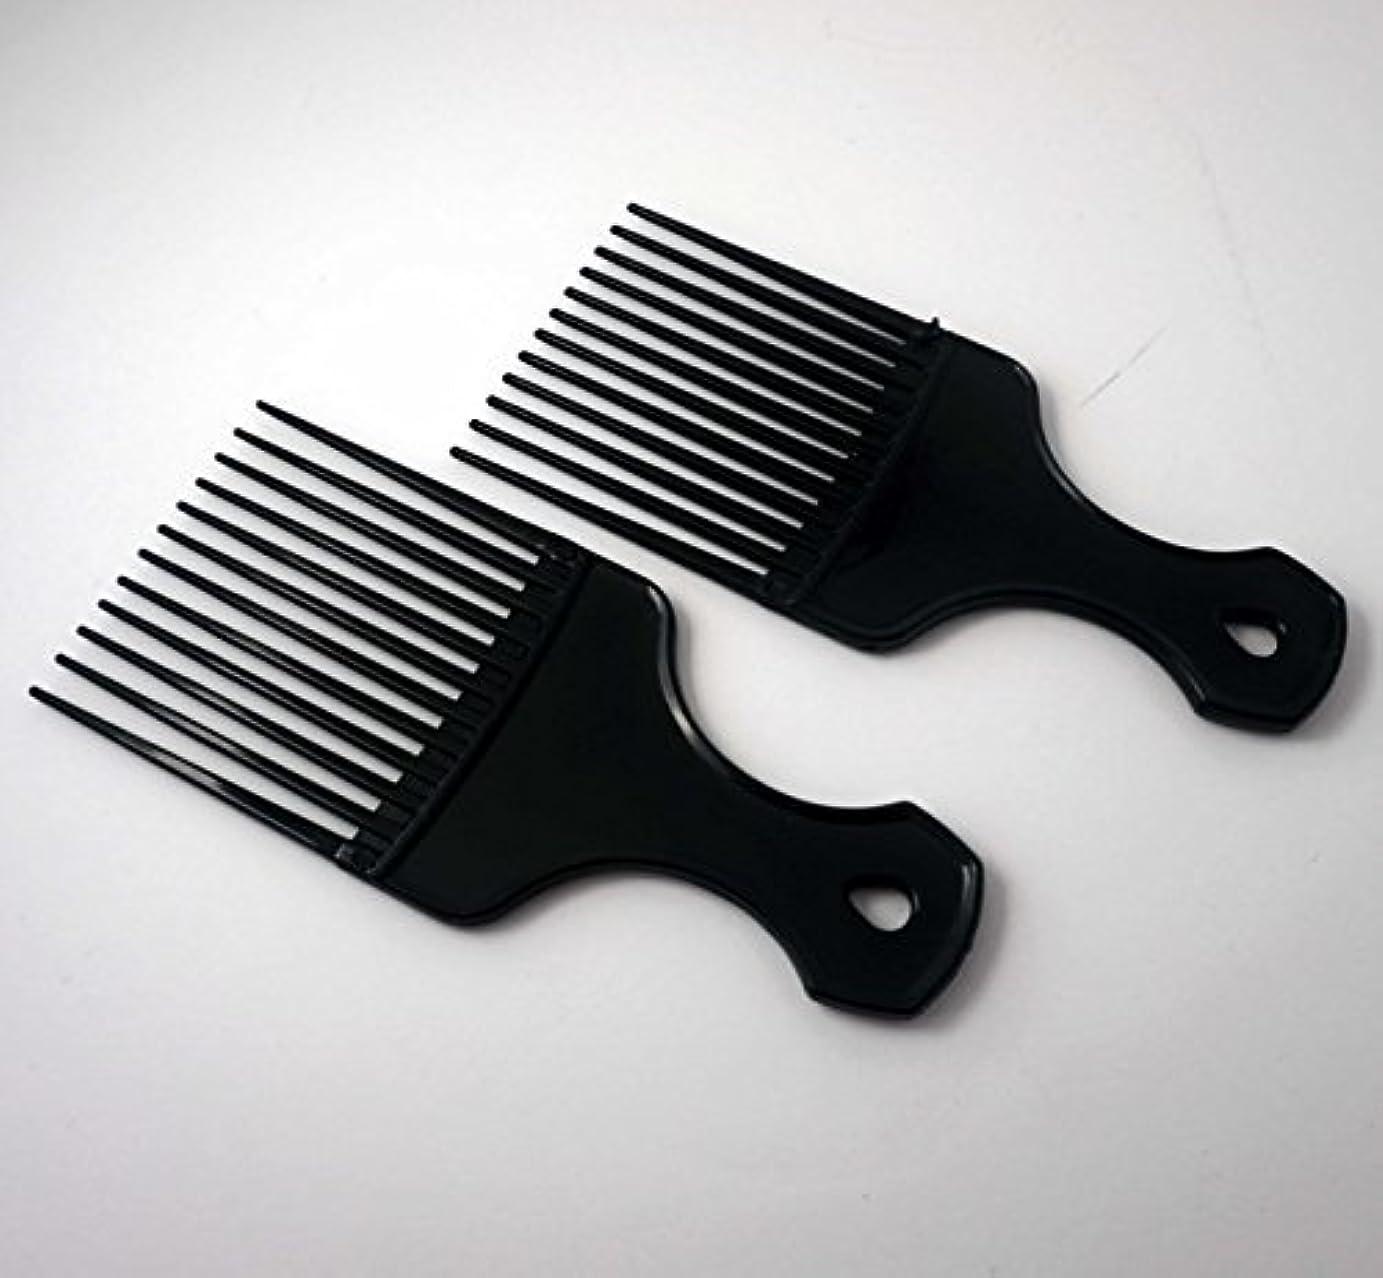 ロビーレベル平行7in Plastic Pick Comb [並行輸入品]